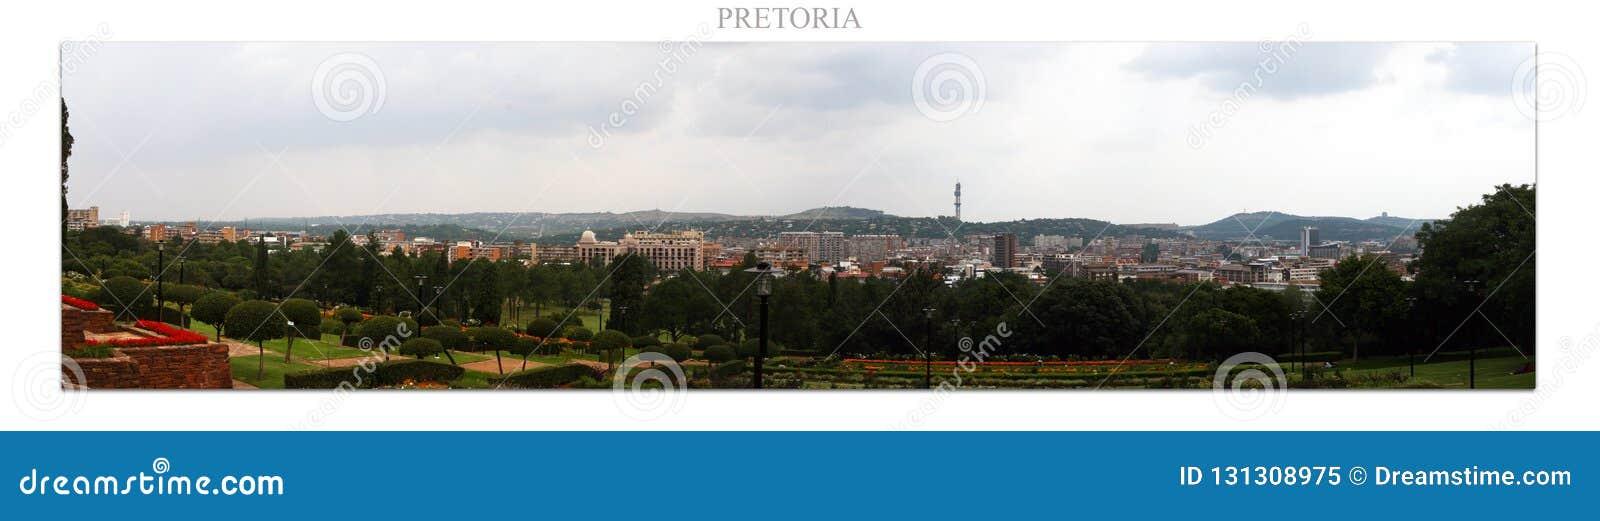 Eenvoudig Pretoria in Zuid-Afrika